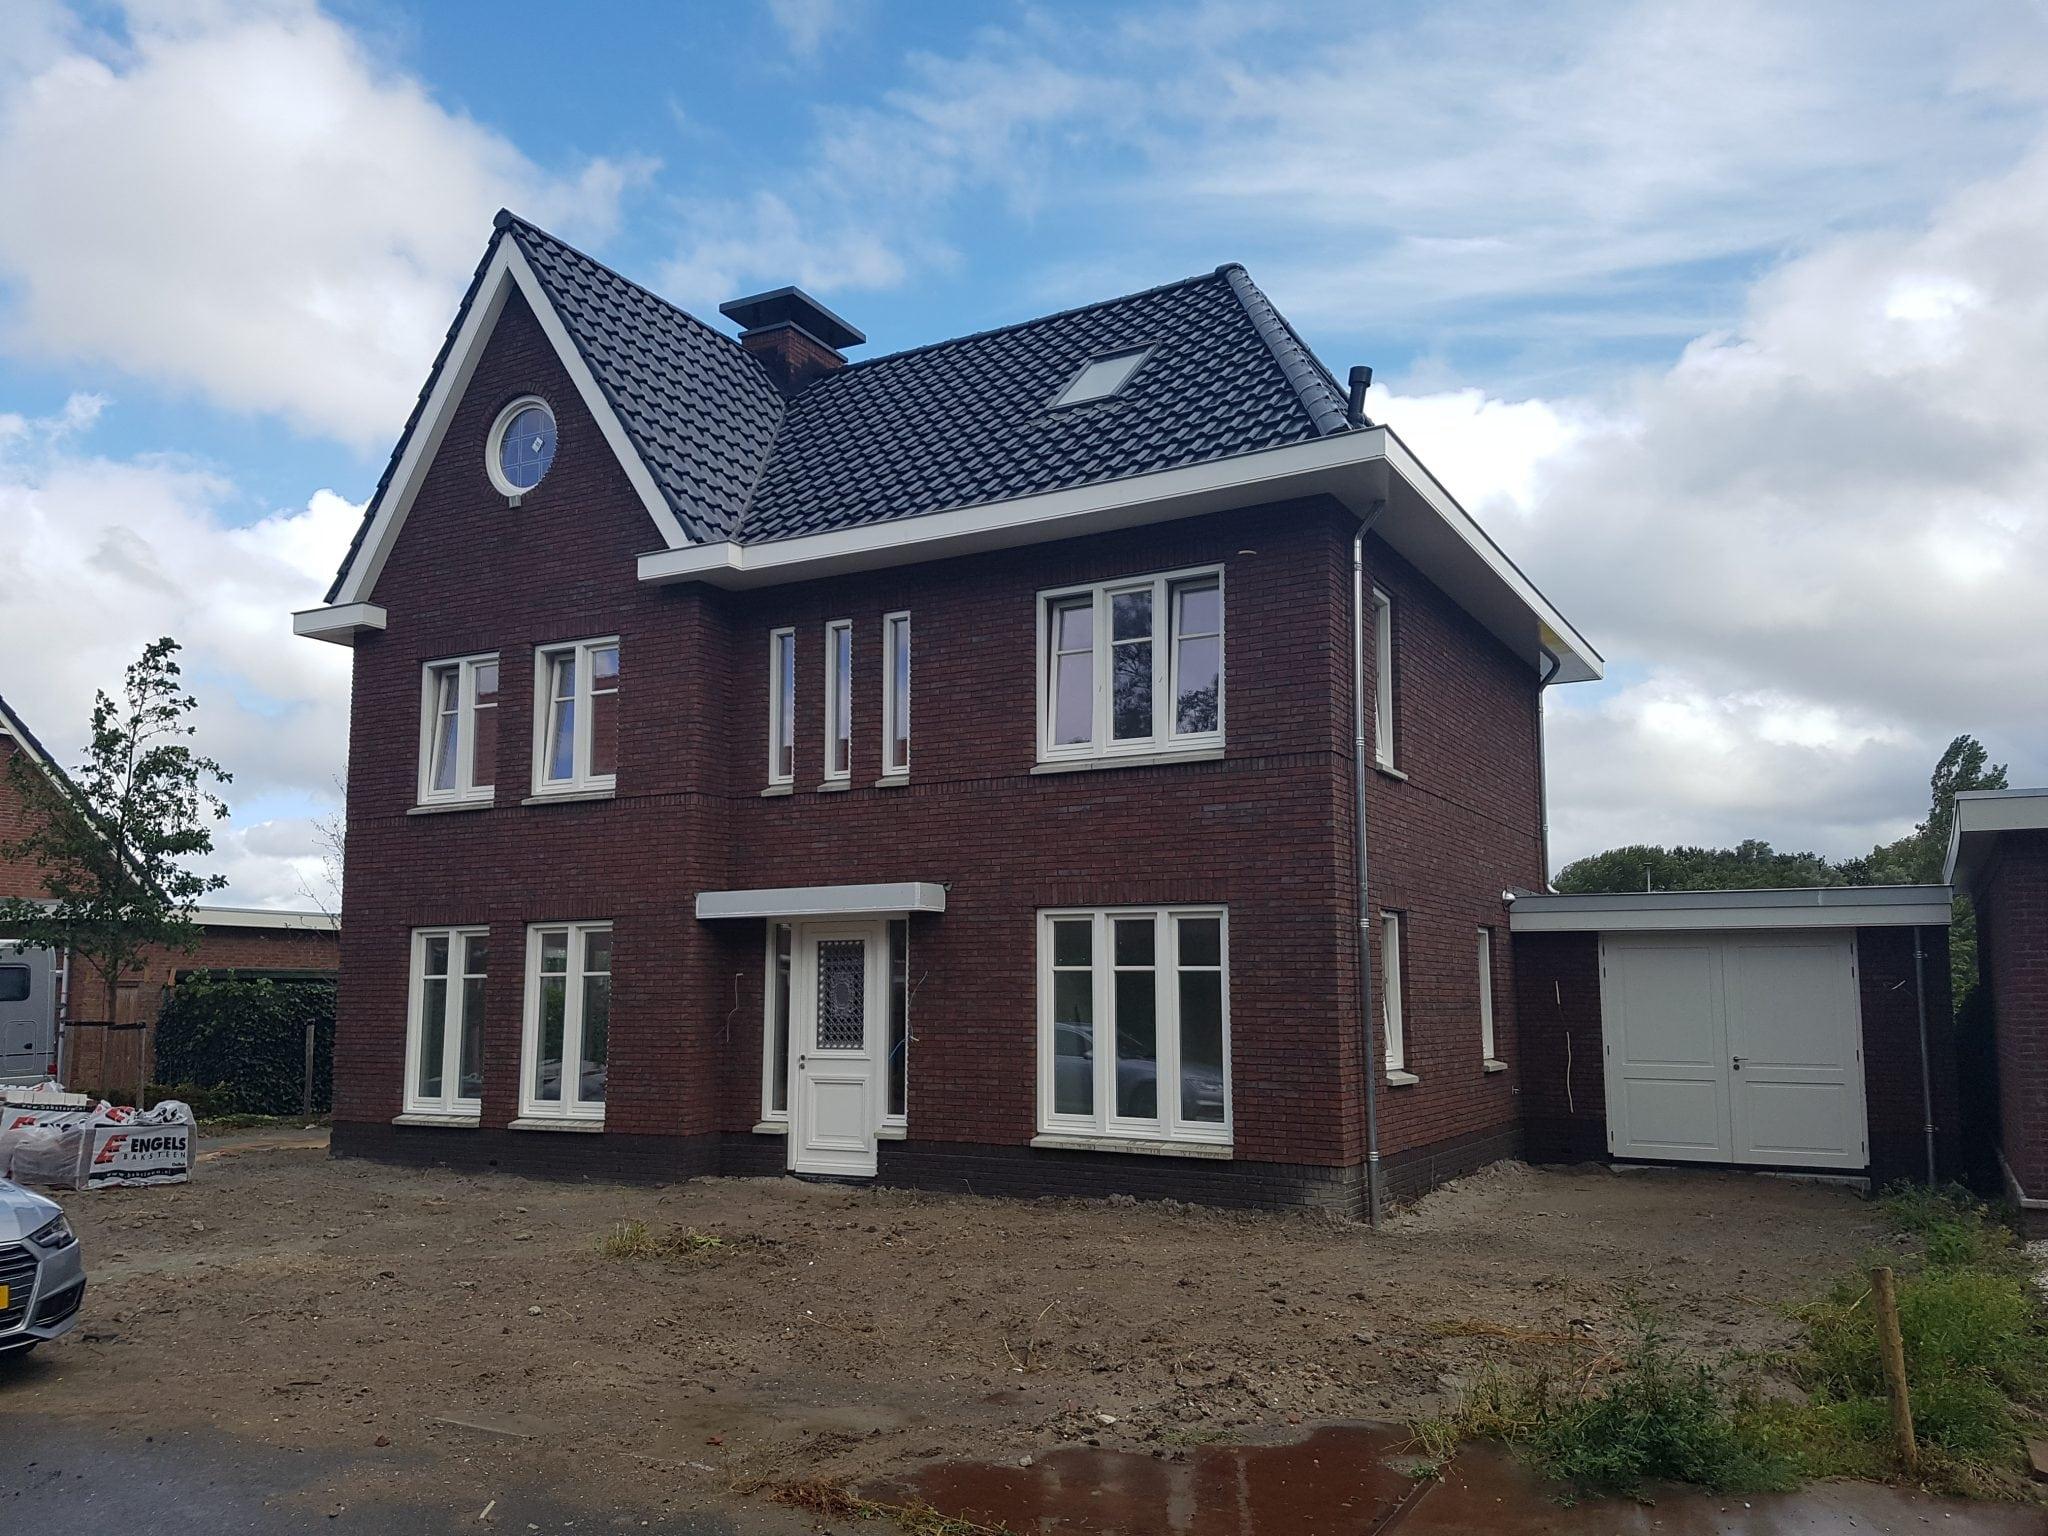 voorkant voorhout - Architectuurwonen.nl